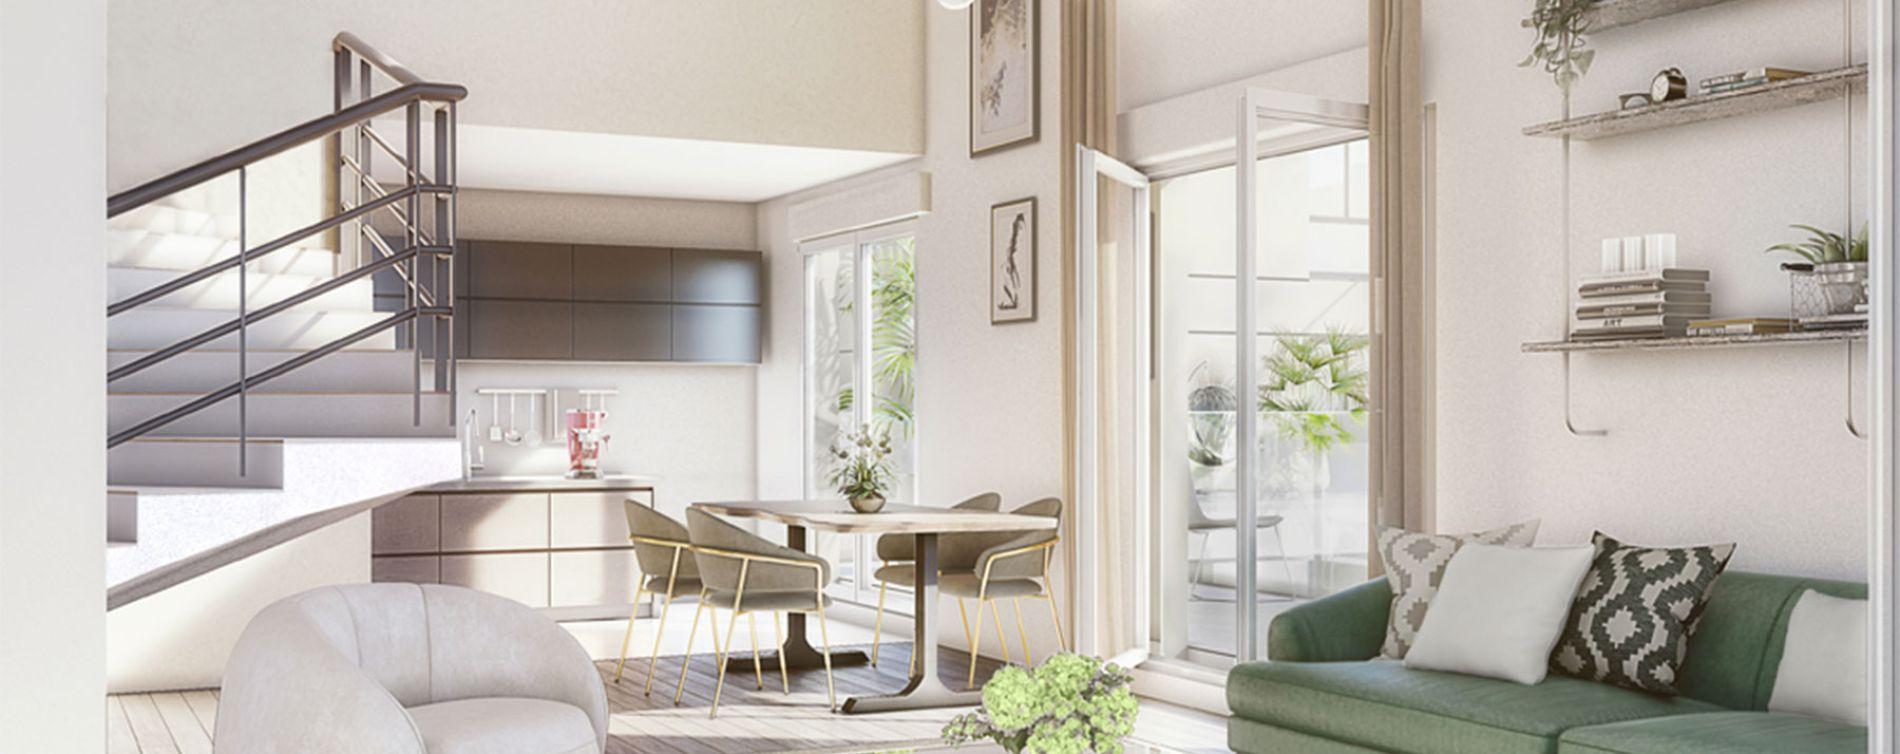 Clichy : programme immobilier neuve « Atrium City » (3)